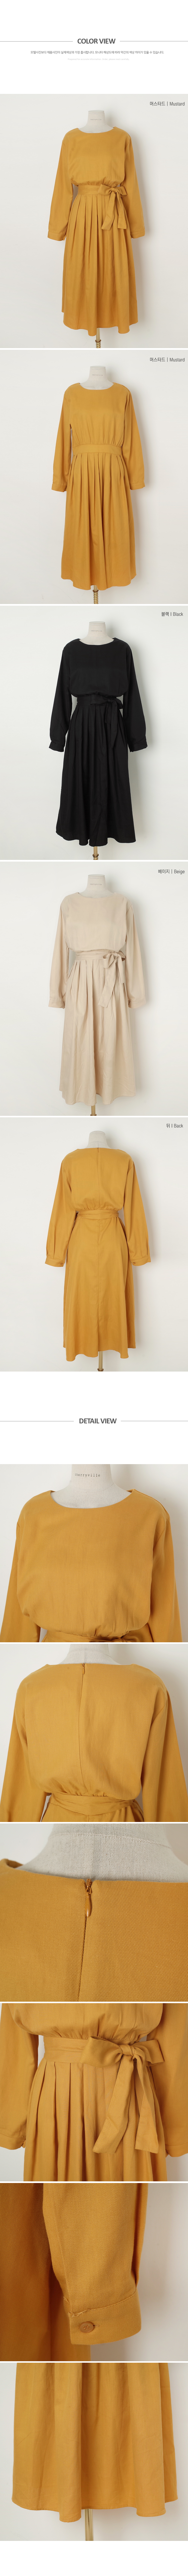 Waist Pin Tuck Line Dress